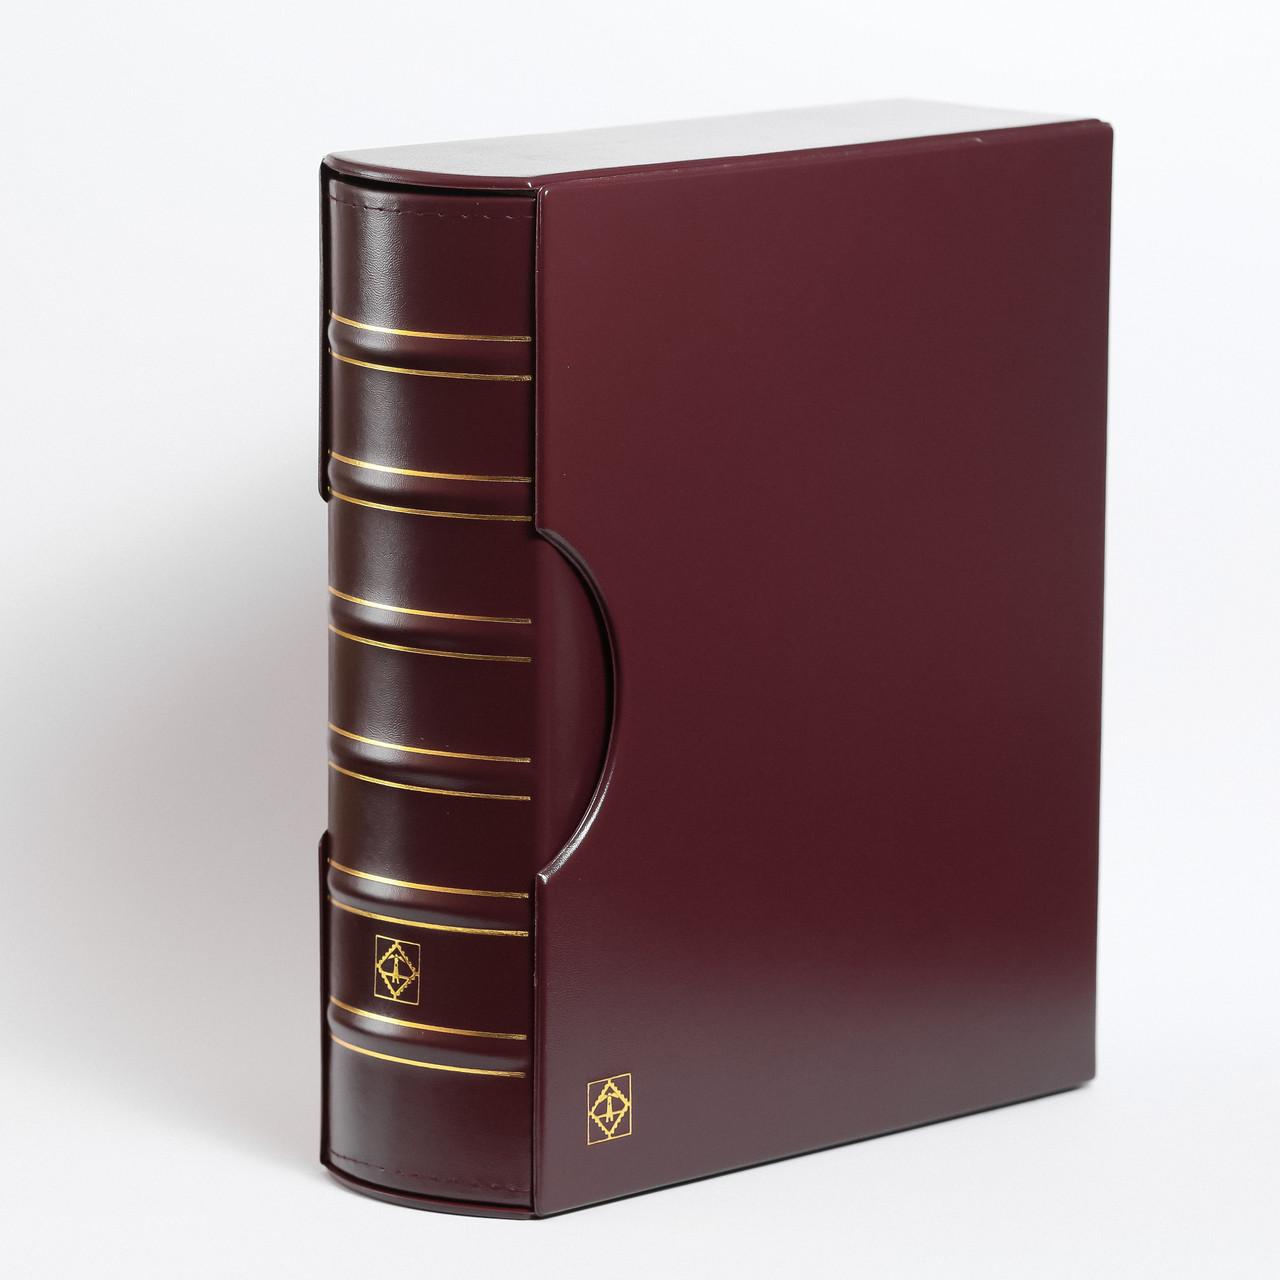 Альбом Leuchtturm, GRANDE GIGANT для монет в холдерах или банкнот, с футляром, красный